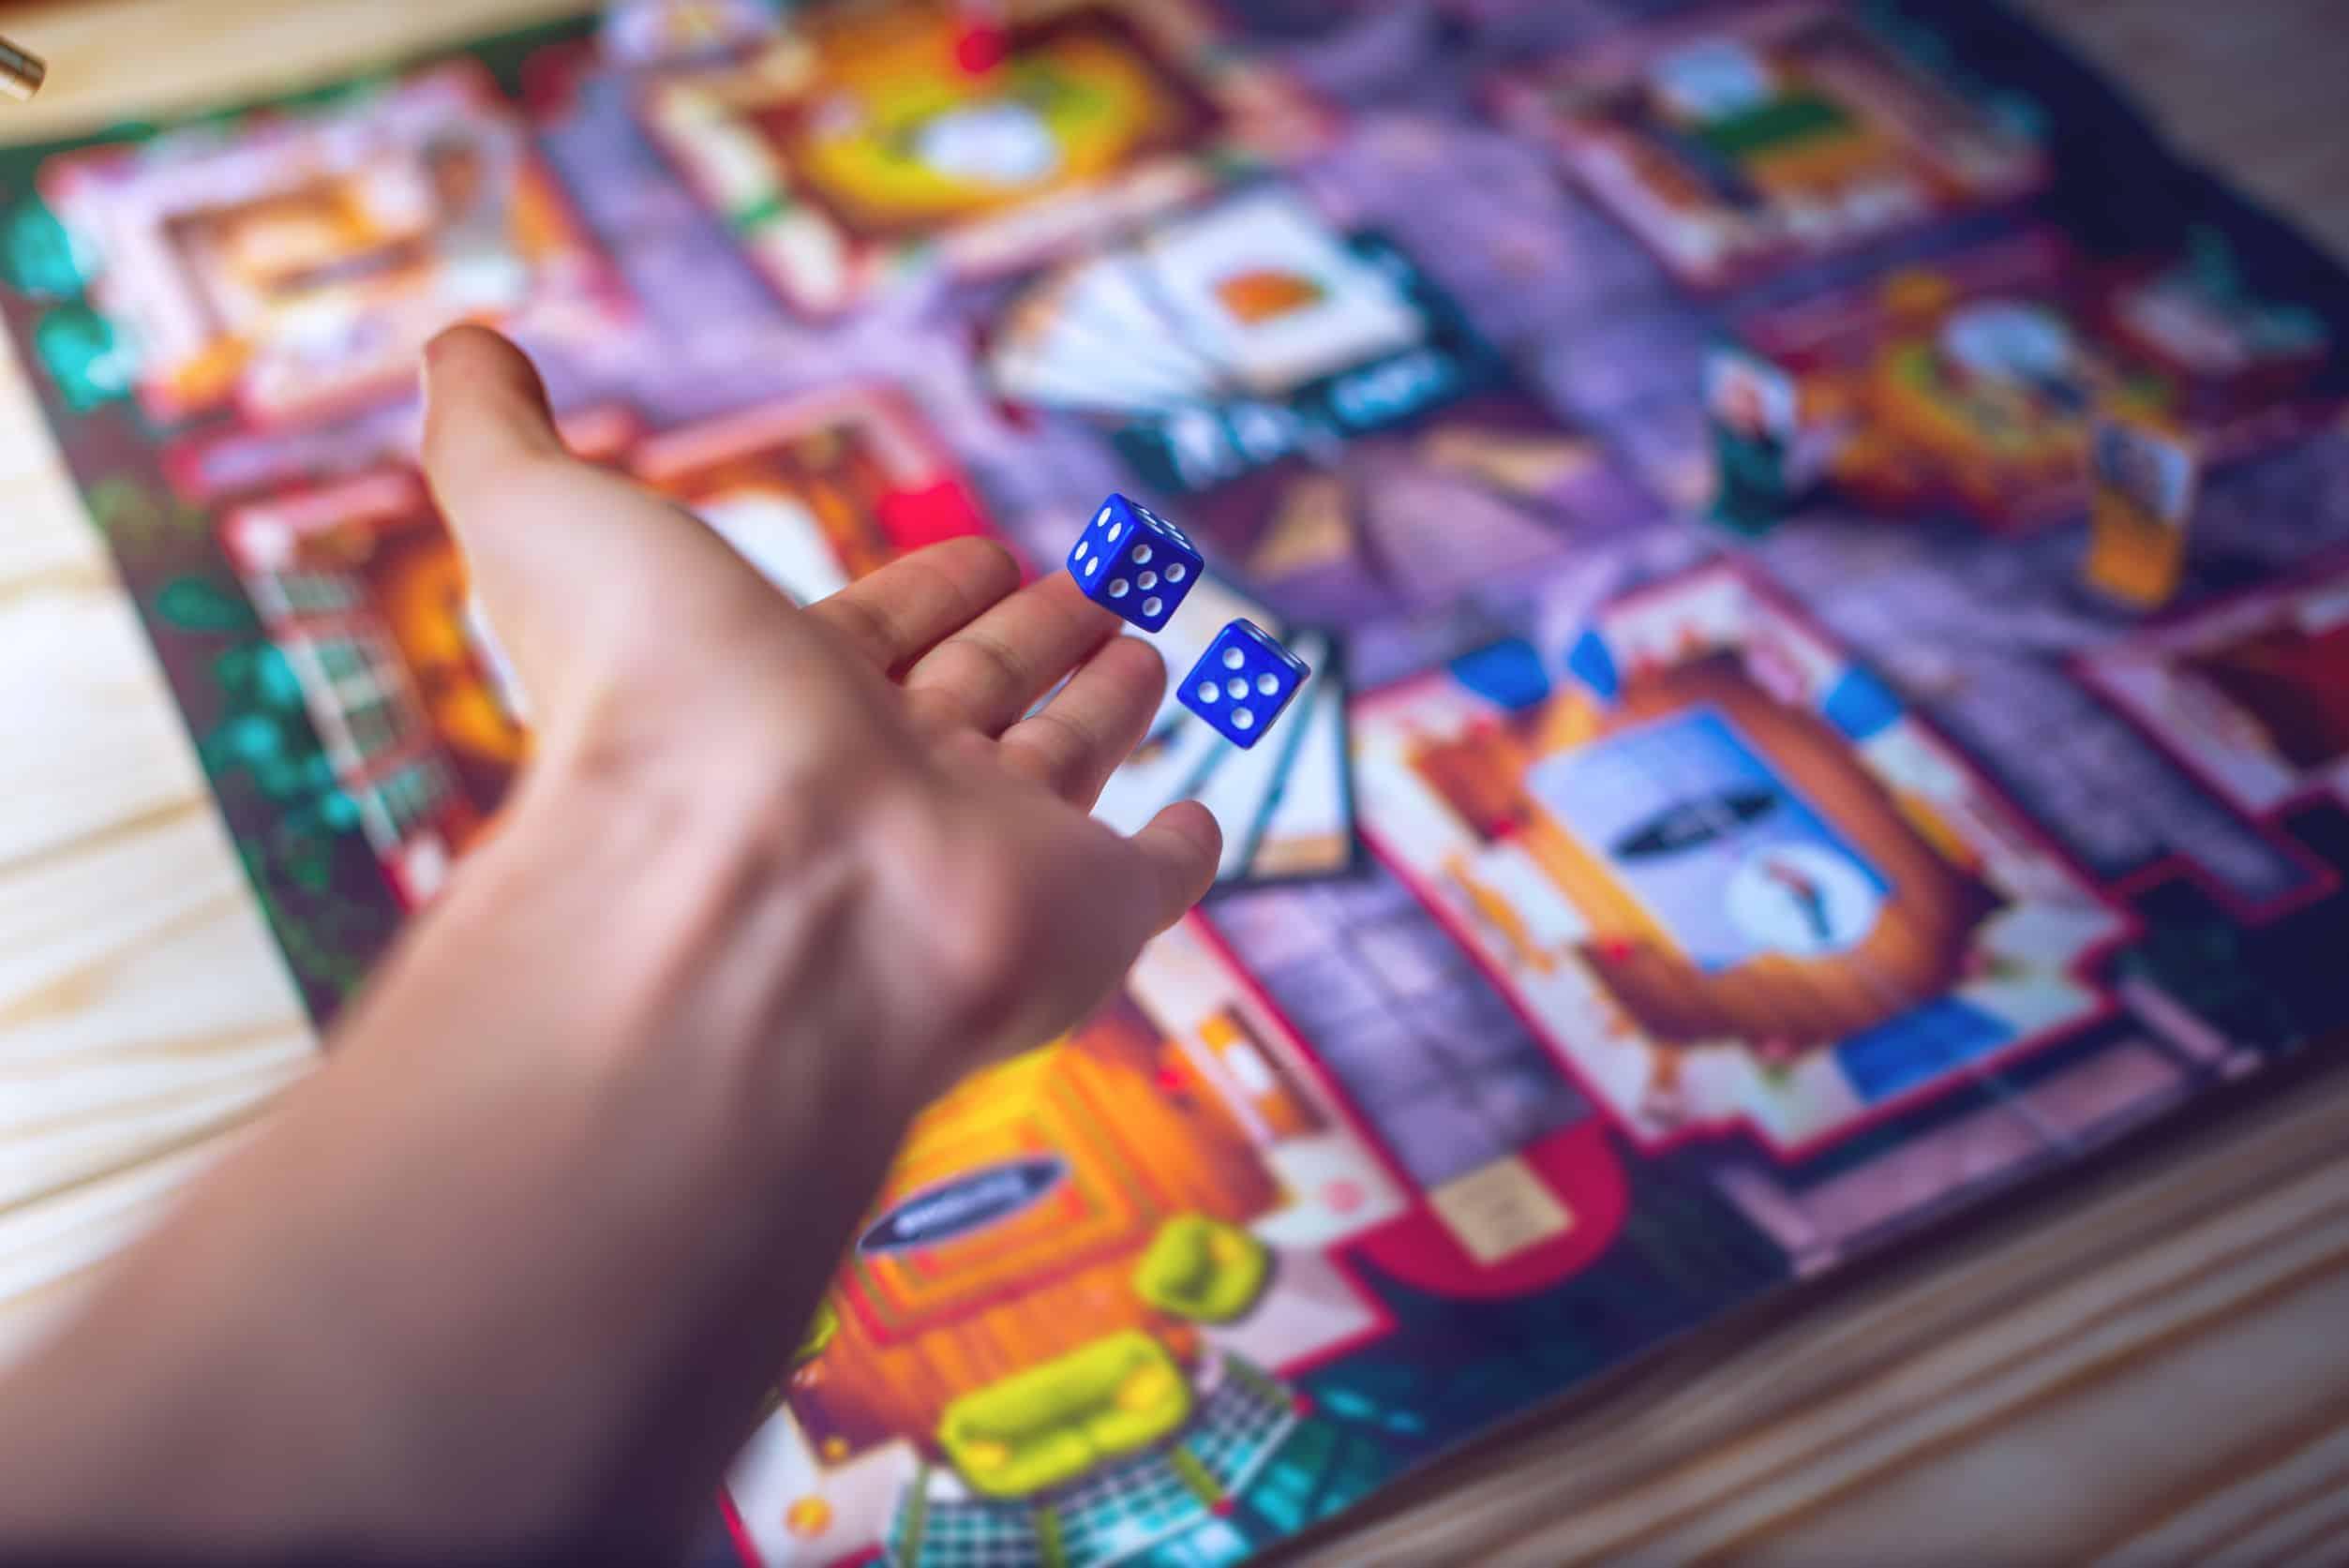 Migliori giochi da tavolo 2021: Guida all'acquisto